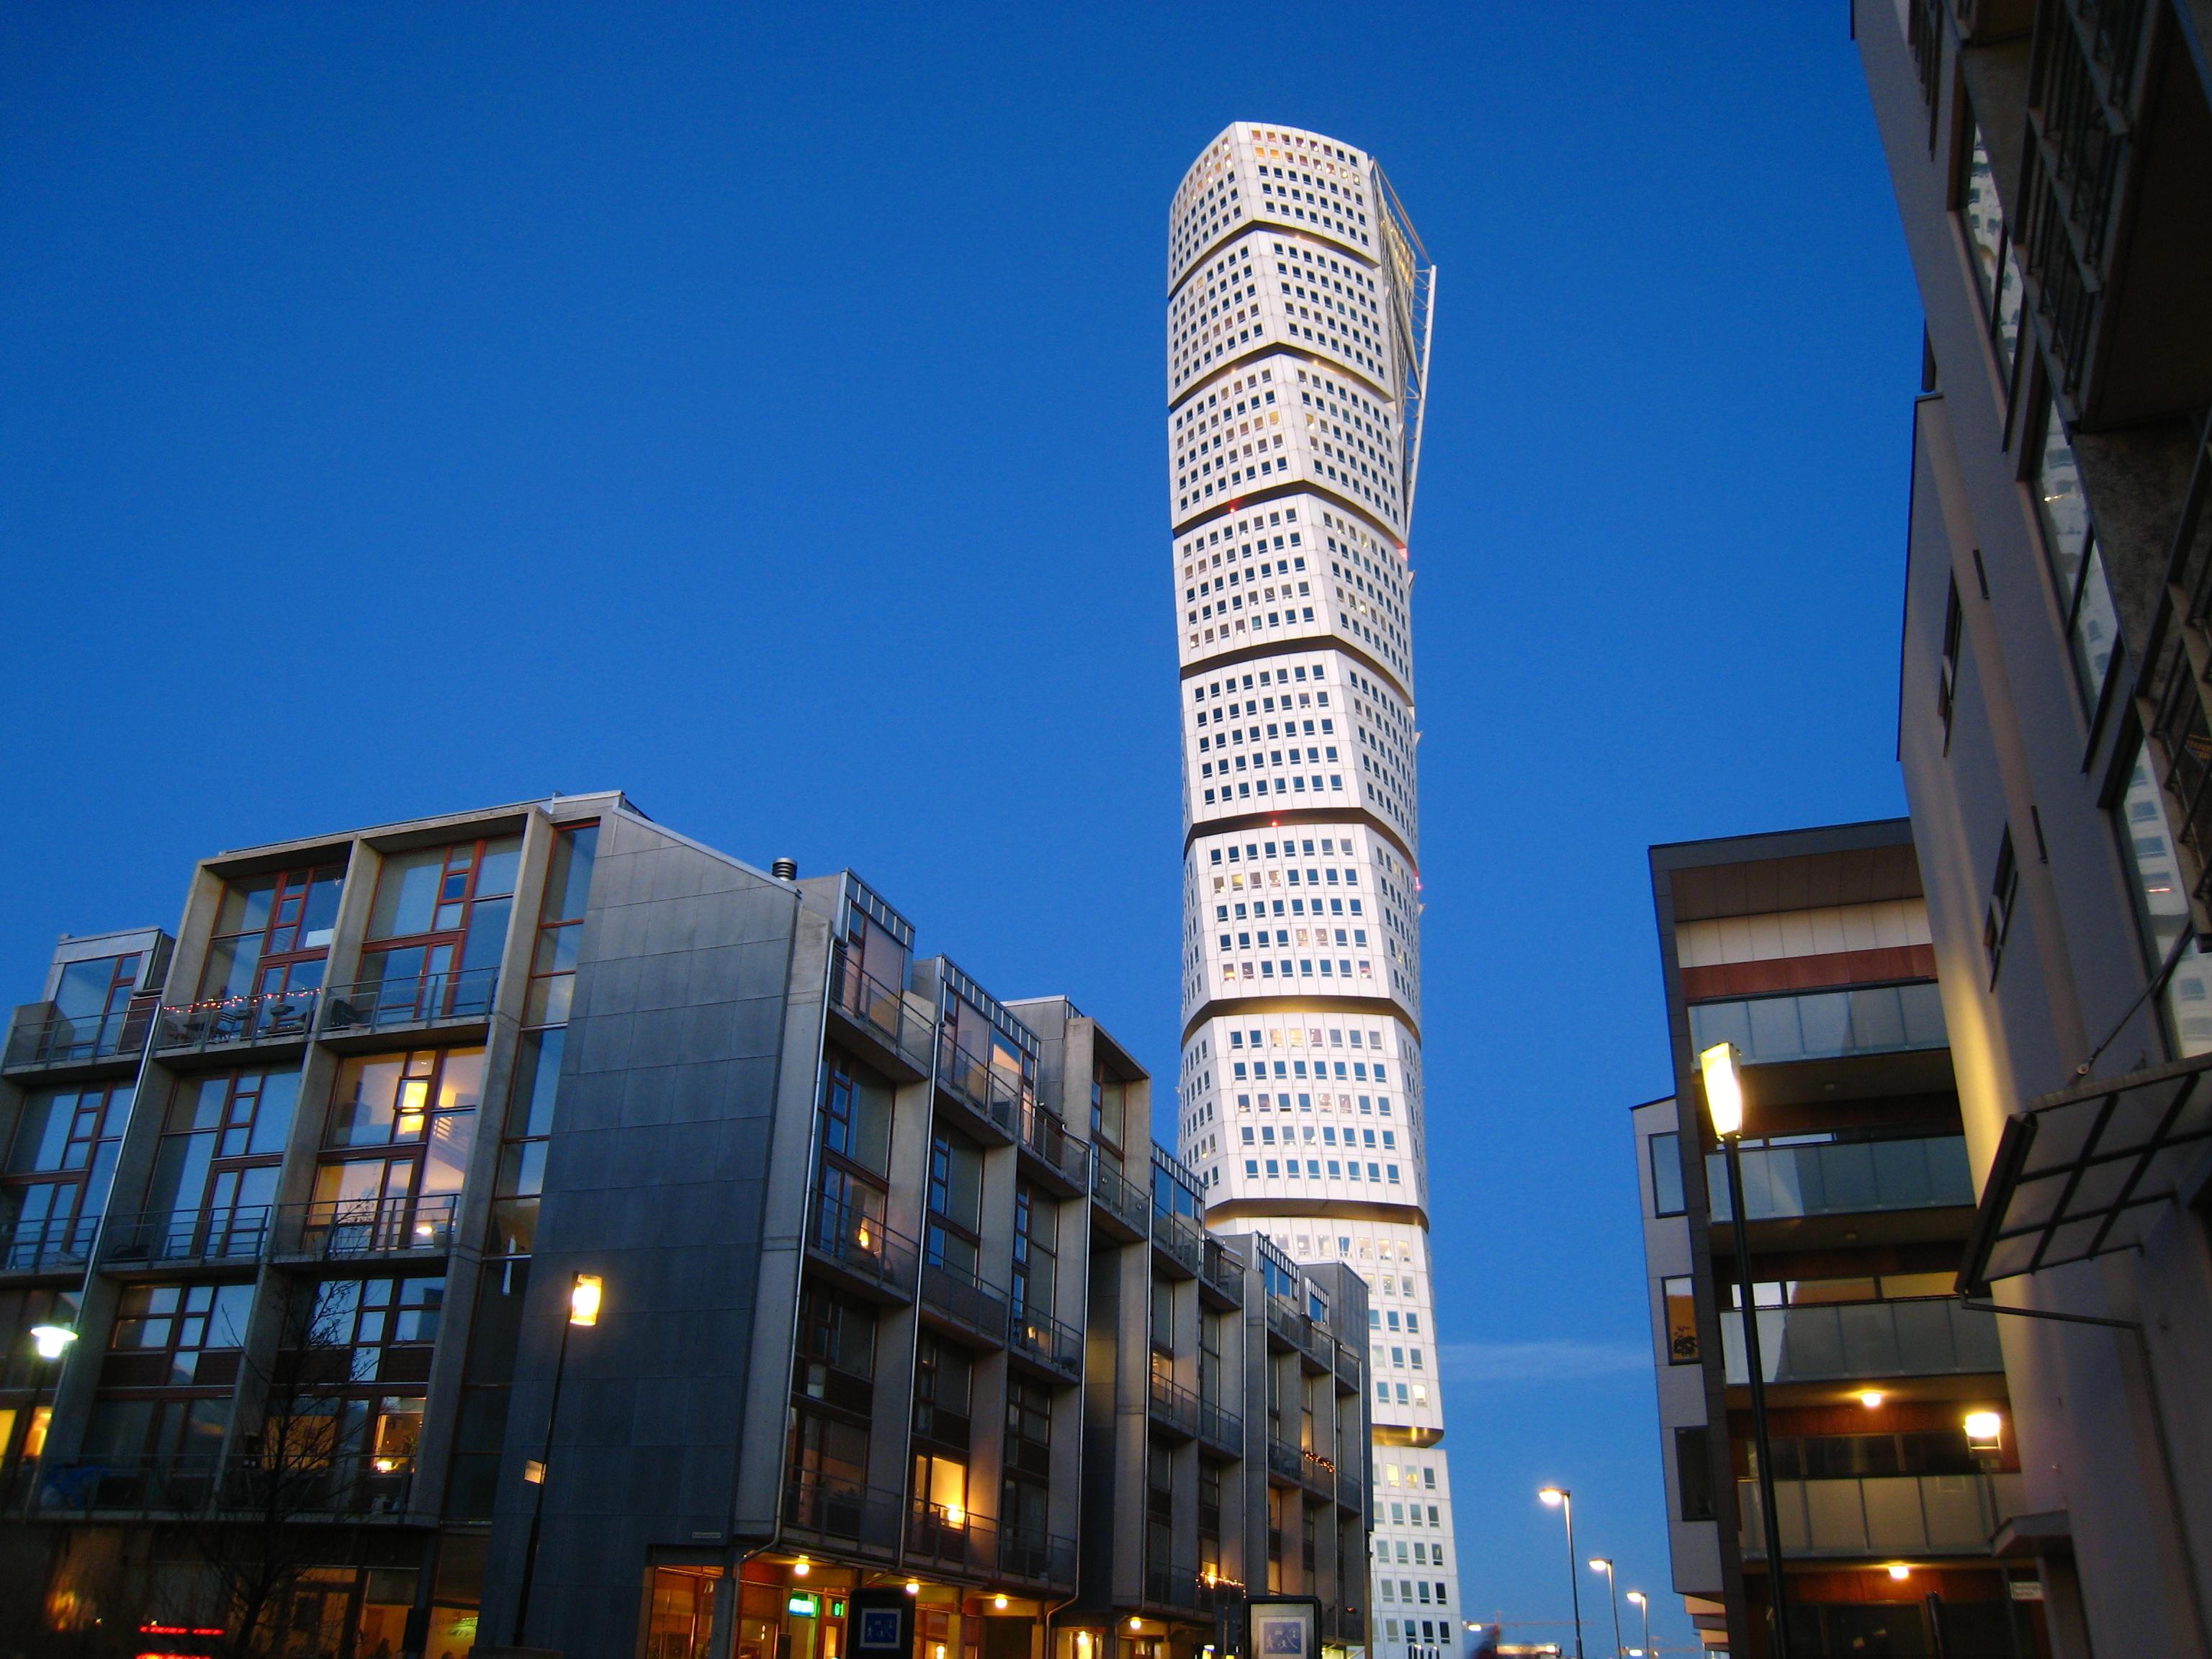 Hyr bil i Malmö